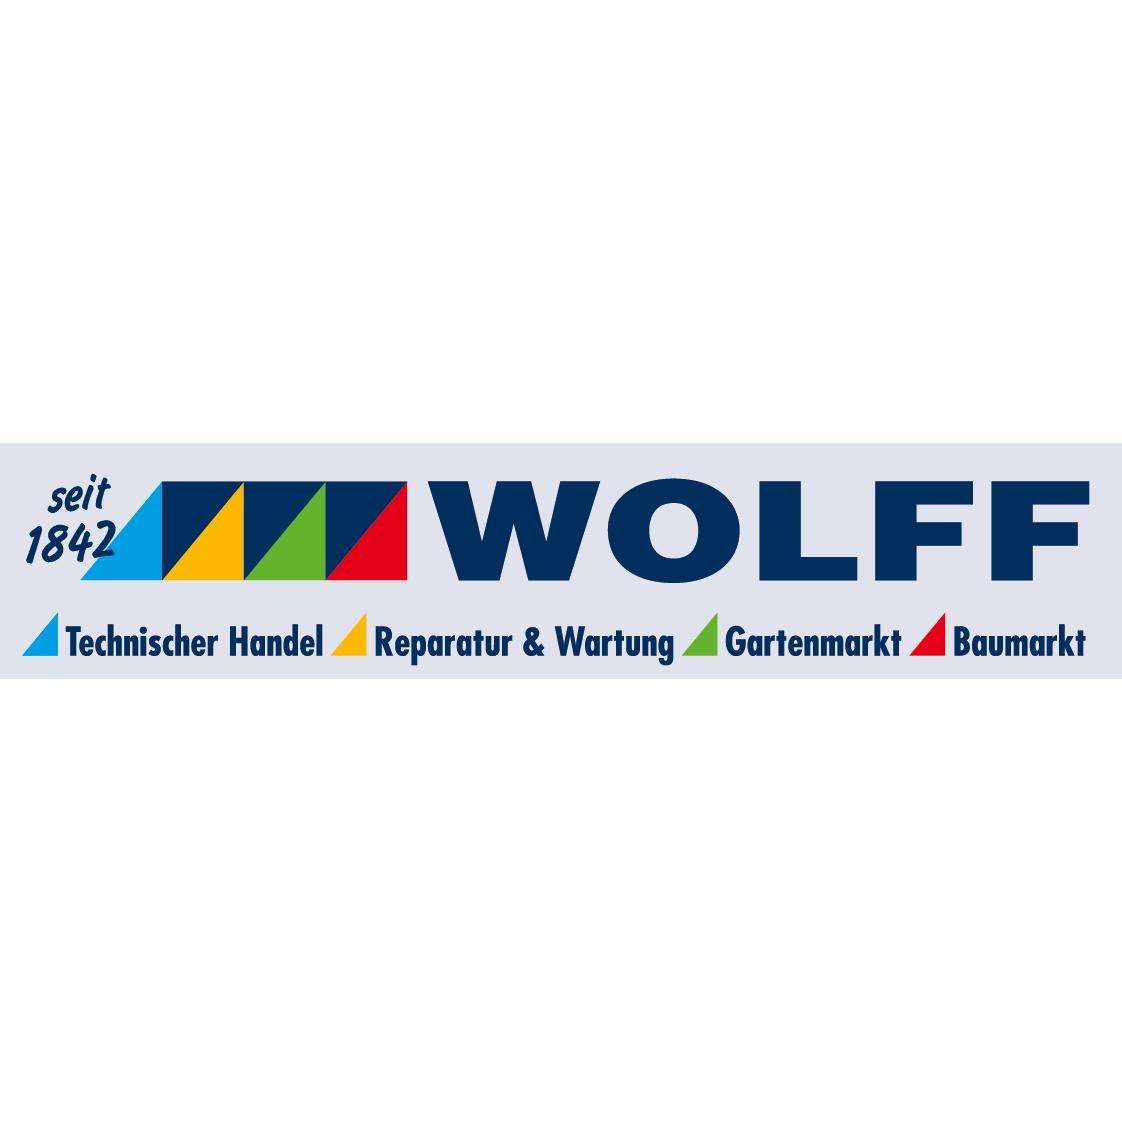 Bild zu Wolff GmbH & Co. KG in Stade